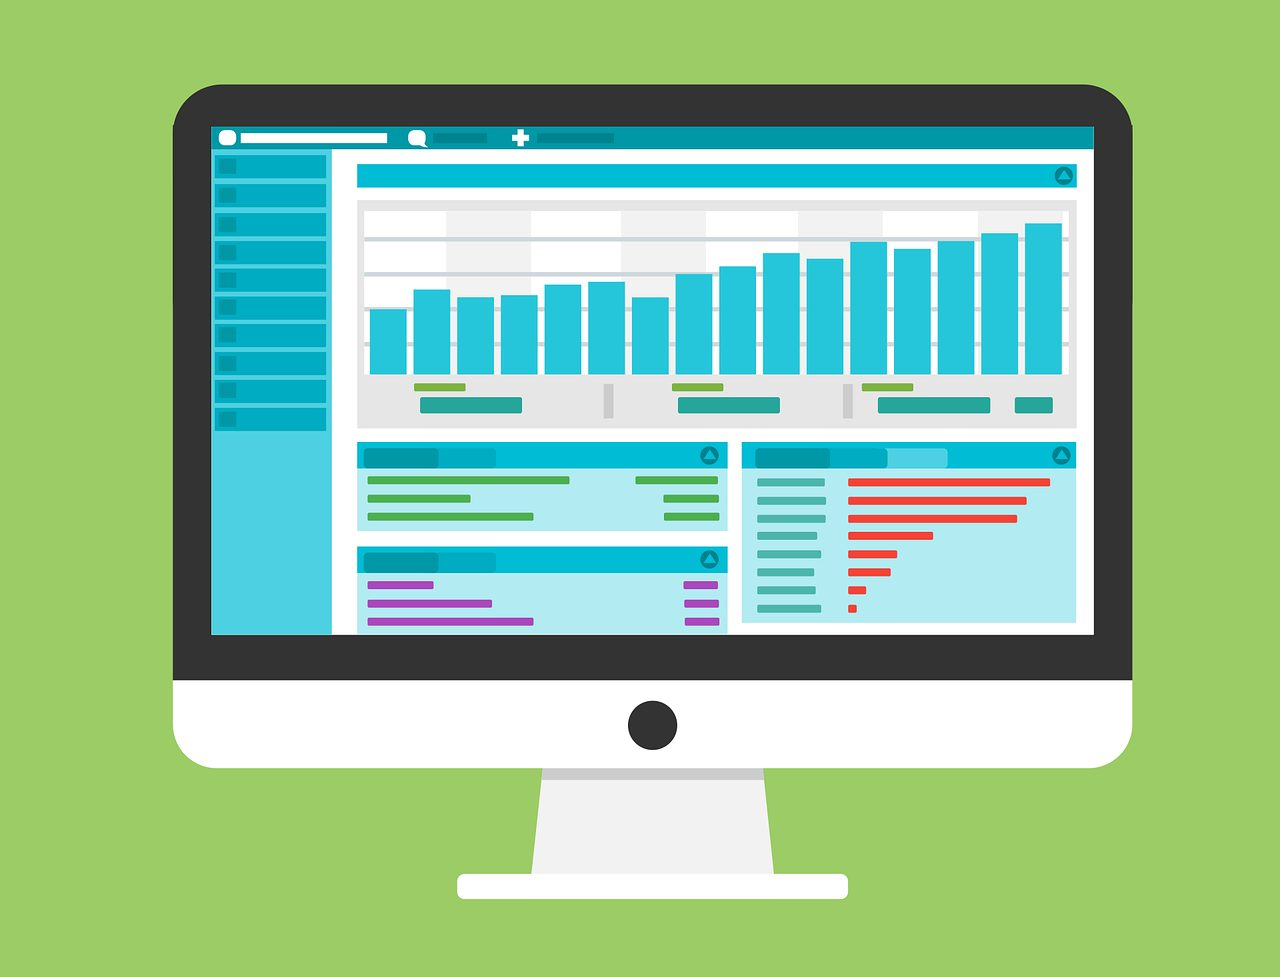 ブログやレポート作成に役立つショートカットキー